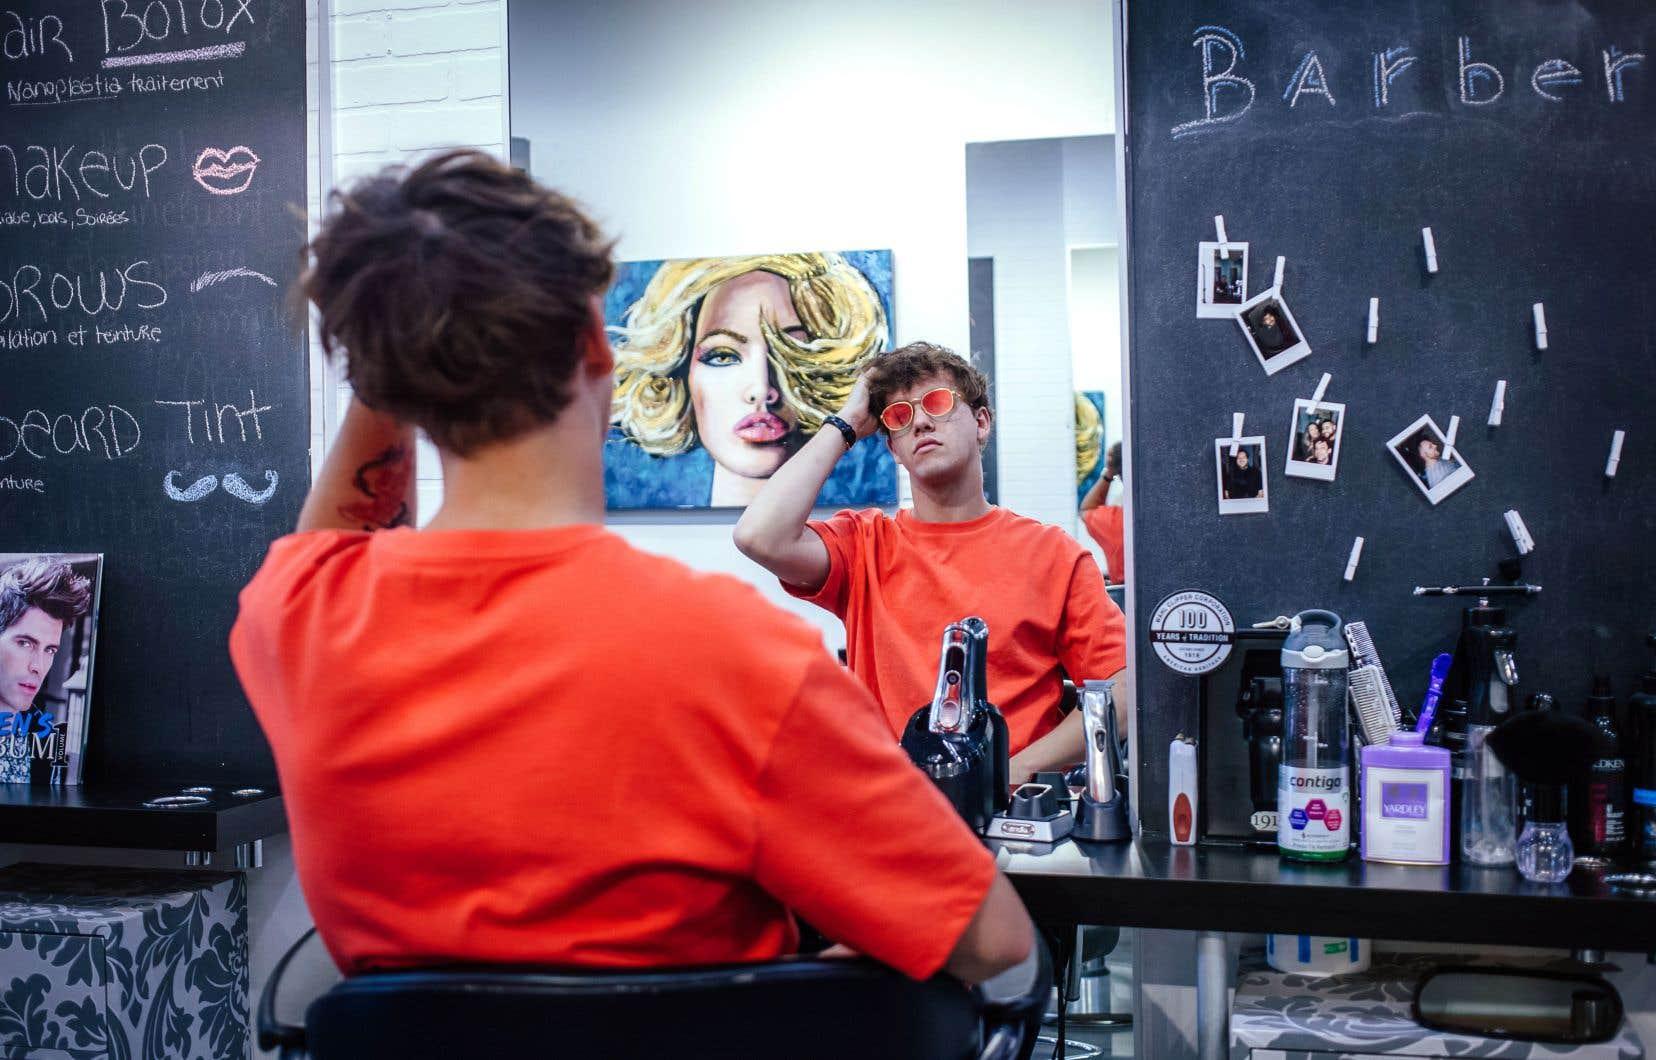 Vincent Roberge, mieux connu sous le nom de Les Louanges, participera pour la première fois à Osheaga, en tant qu'artiste invité.